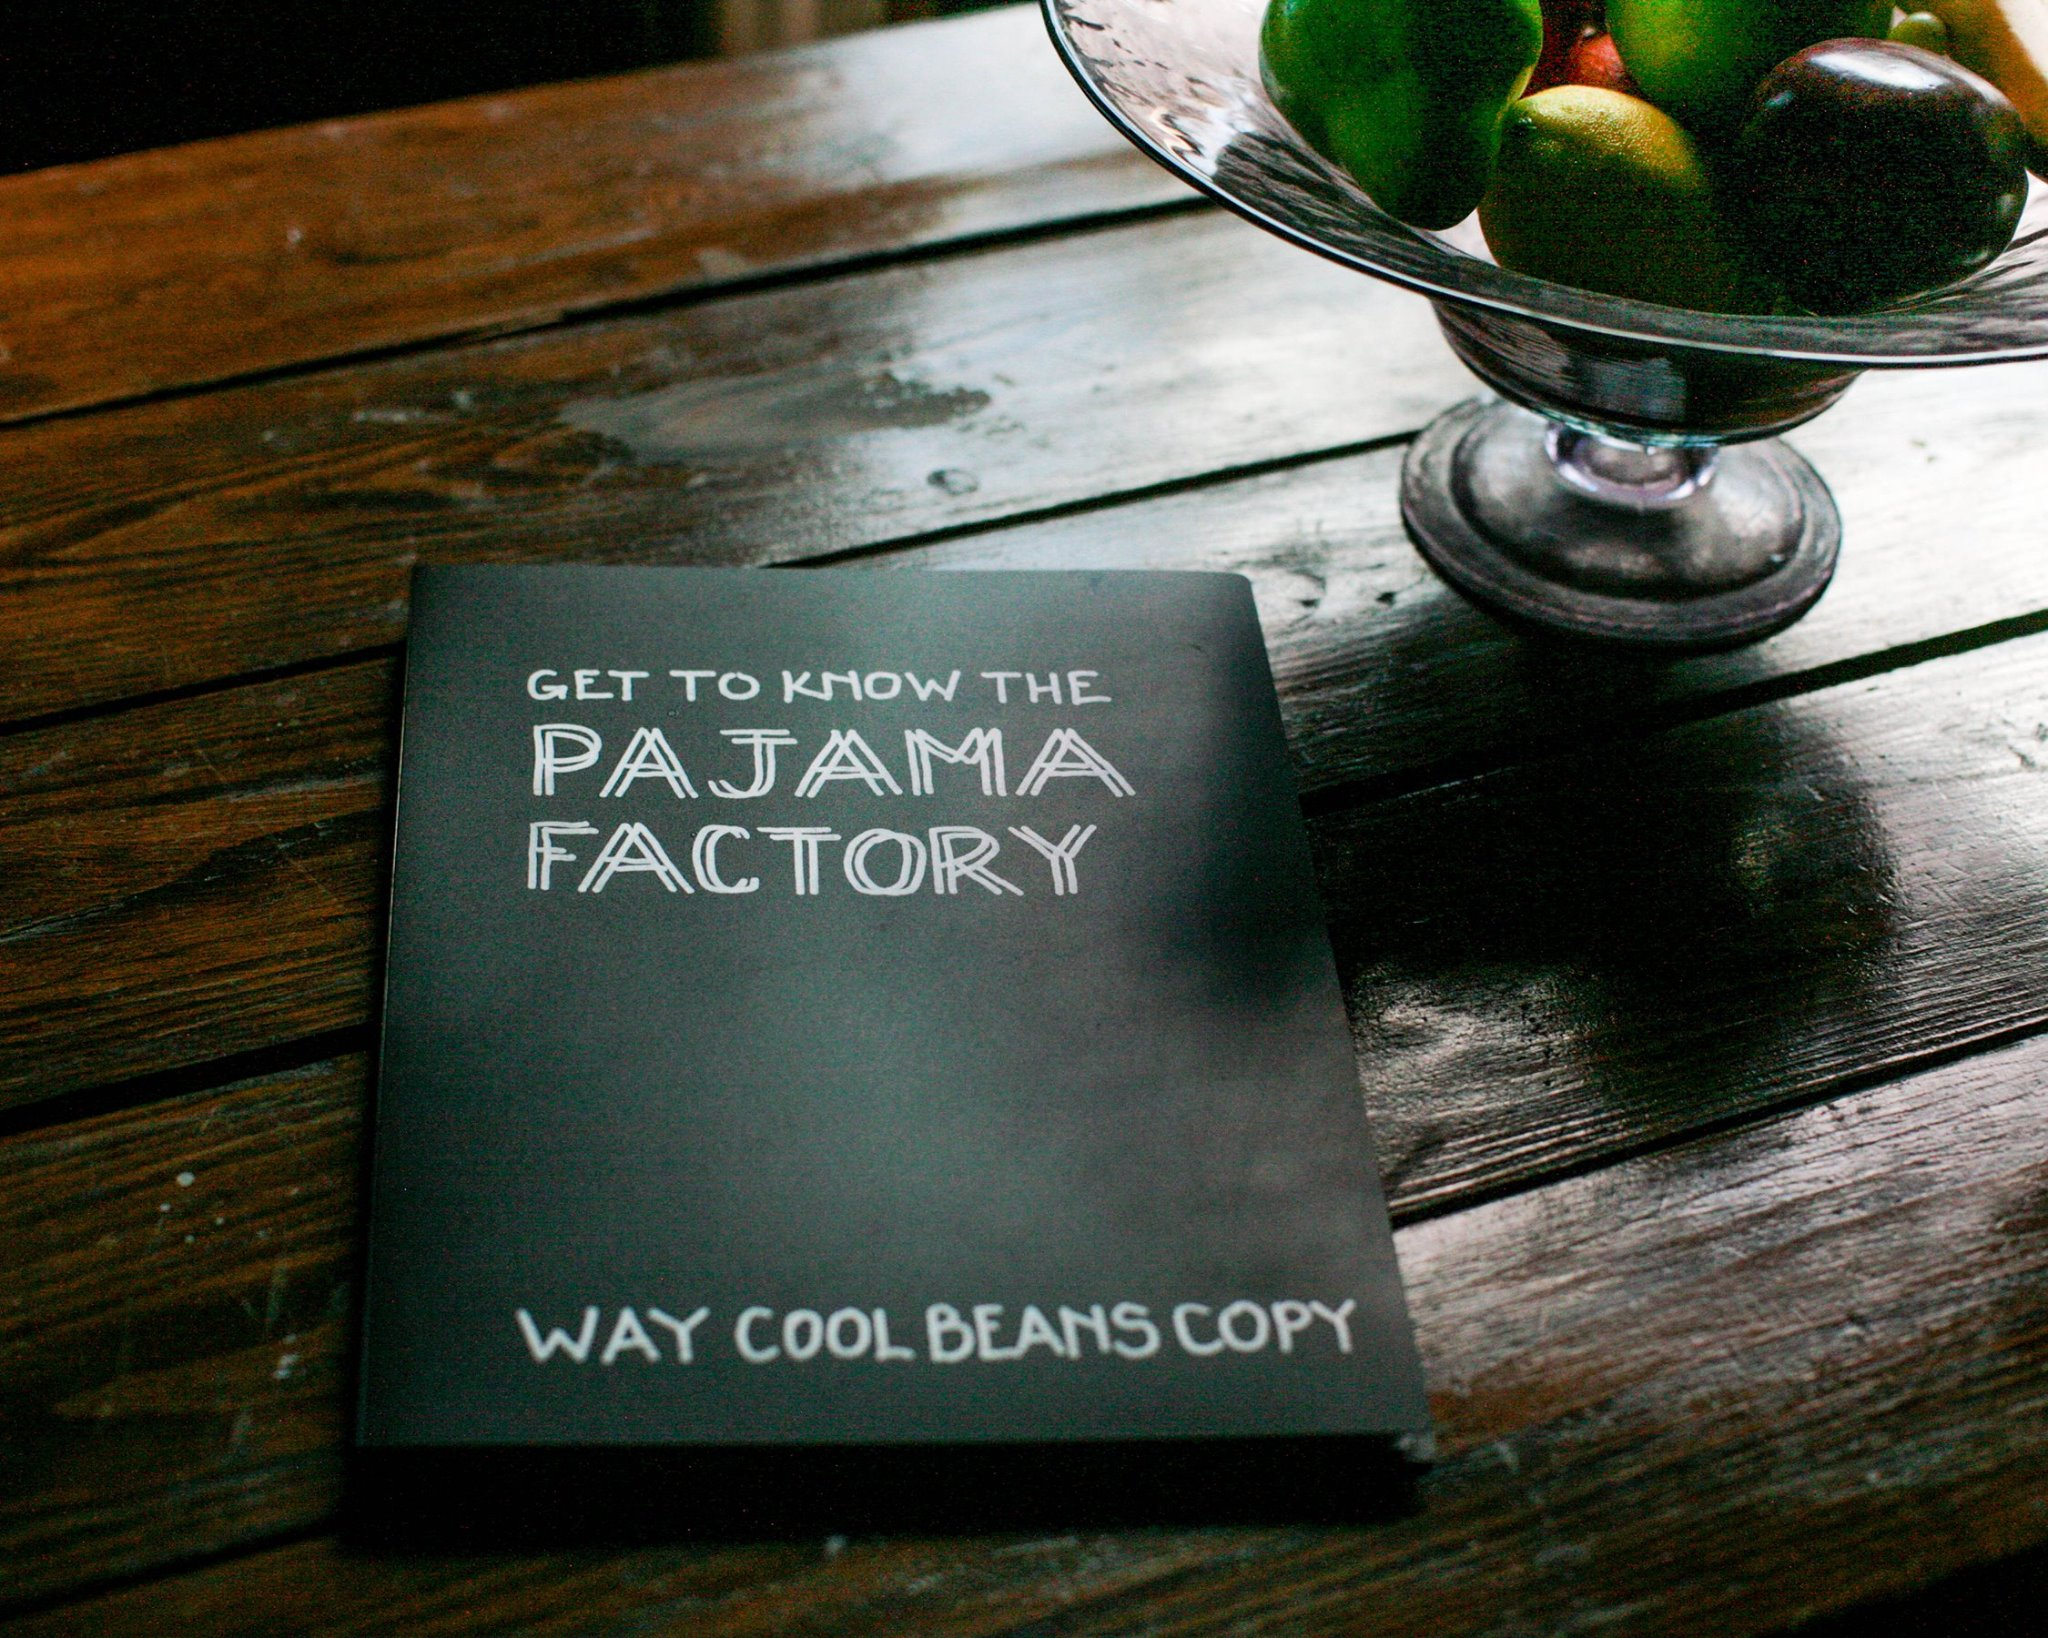 Get to Know the Pajama Factory